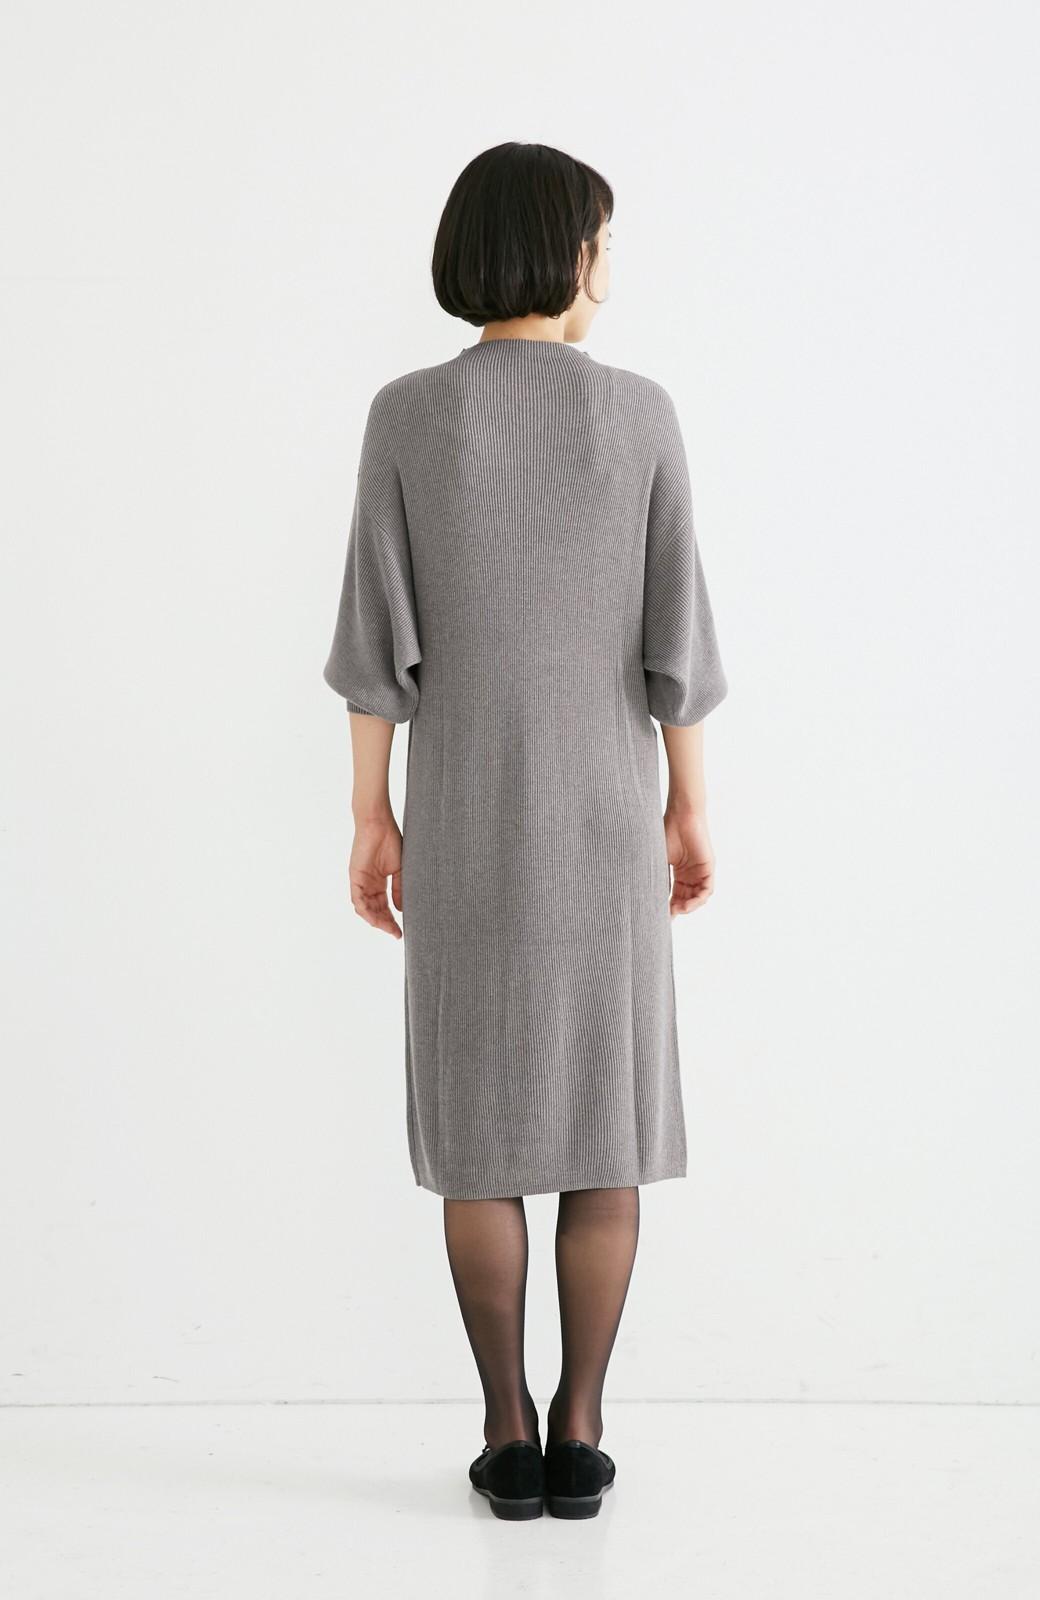 エムトロワ 吸湿発熱素材の袖ぷっくりリブニットワンピース <杢グレー>の商品写真5